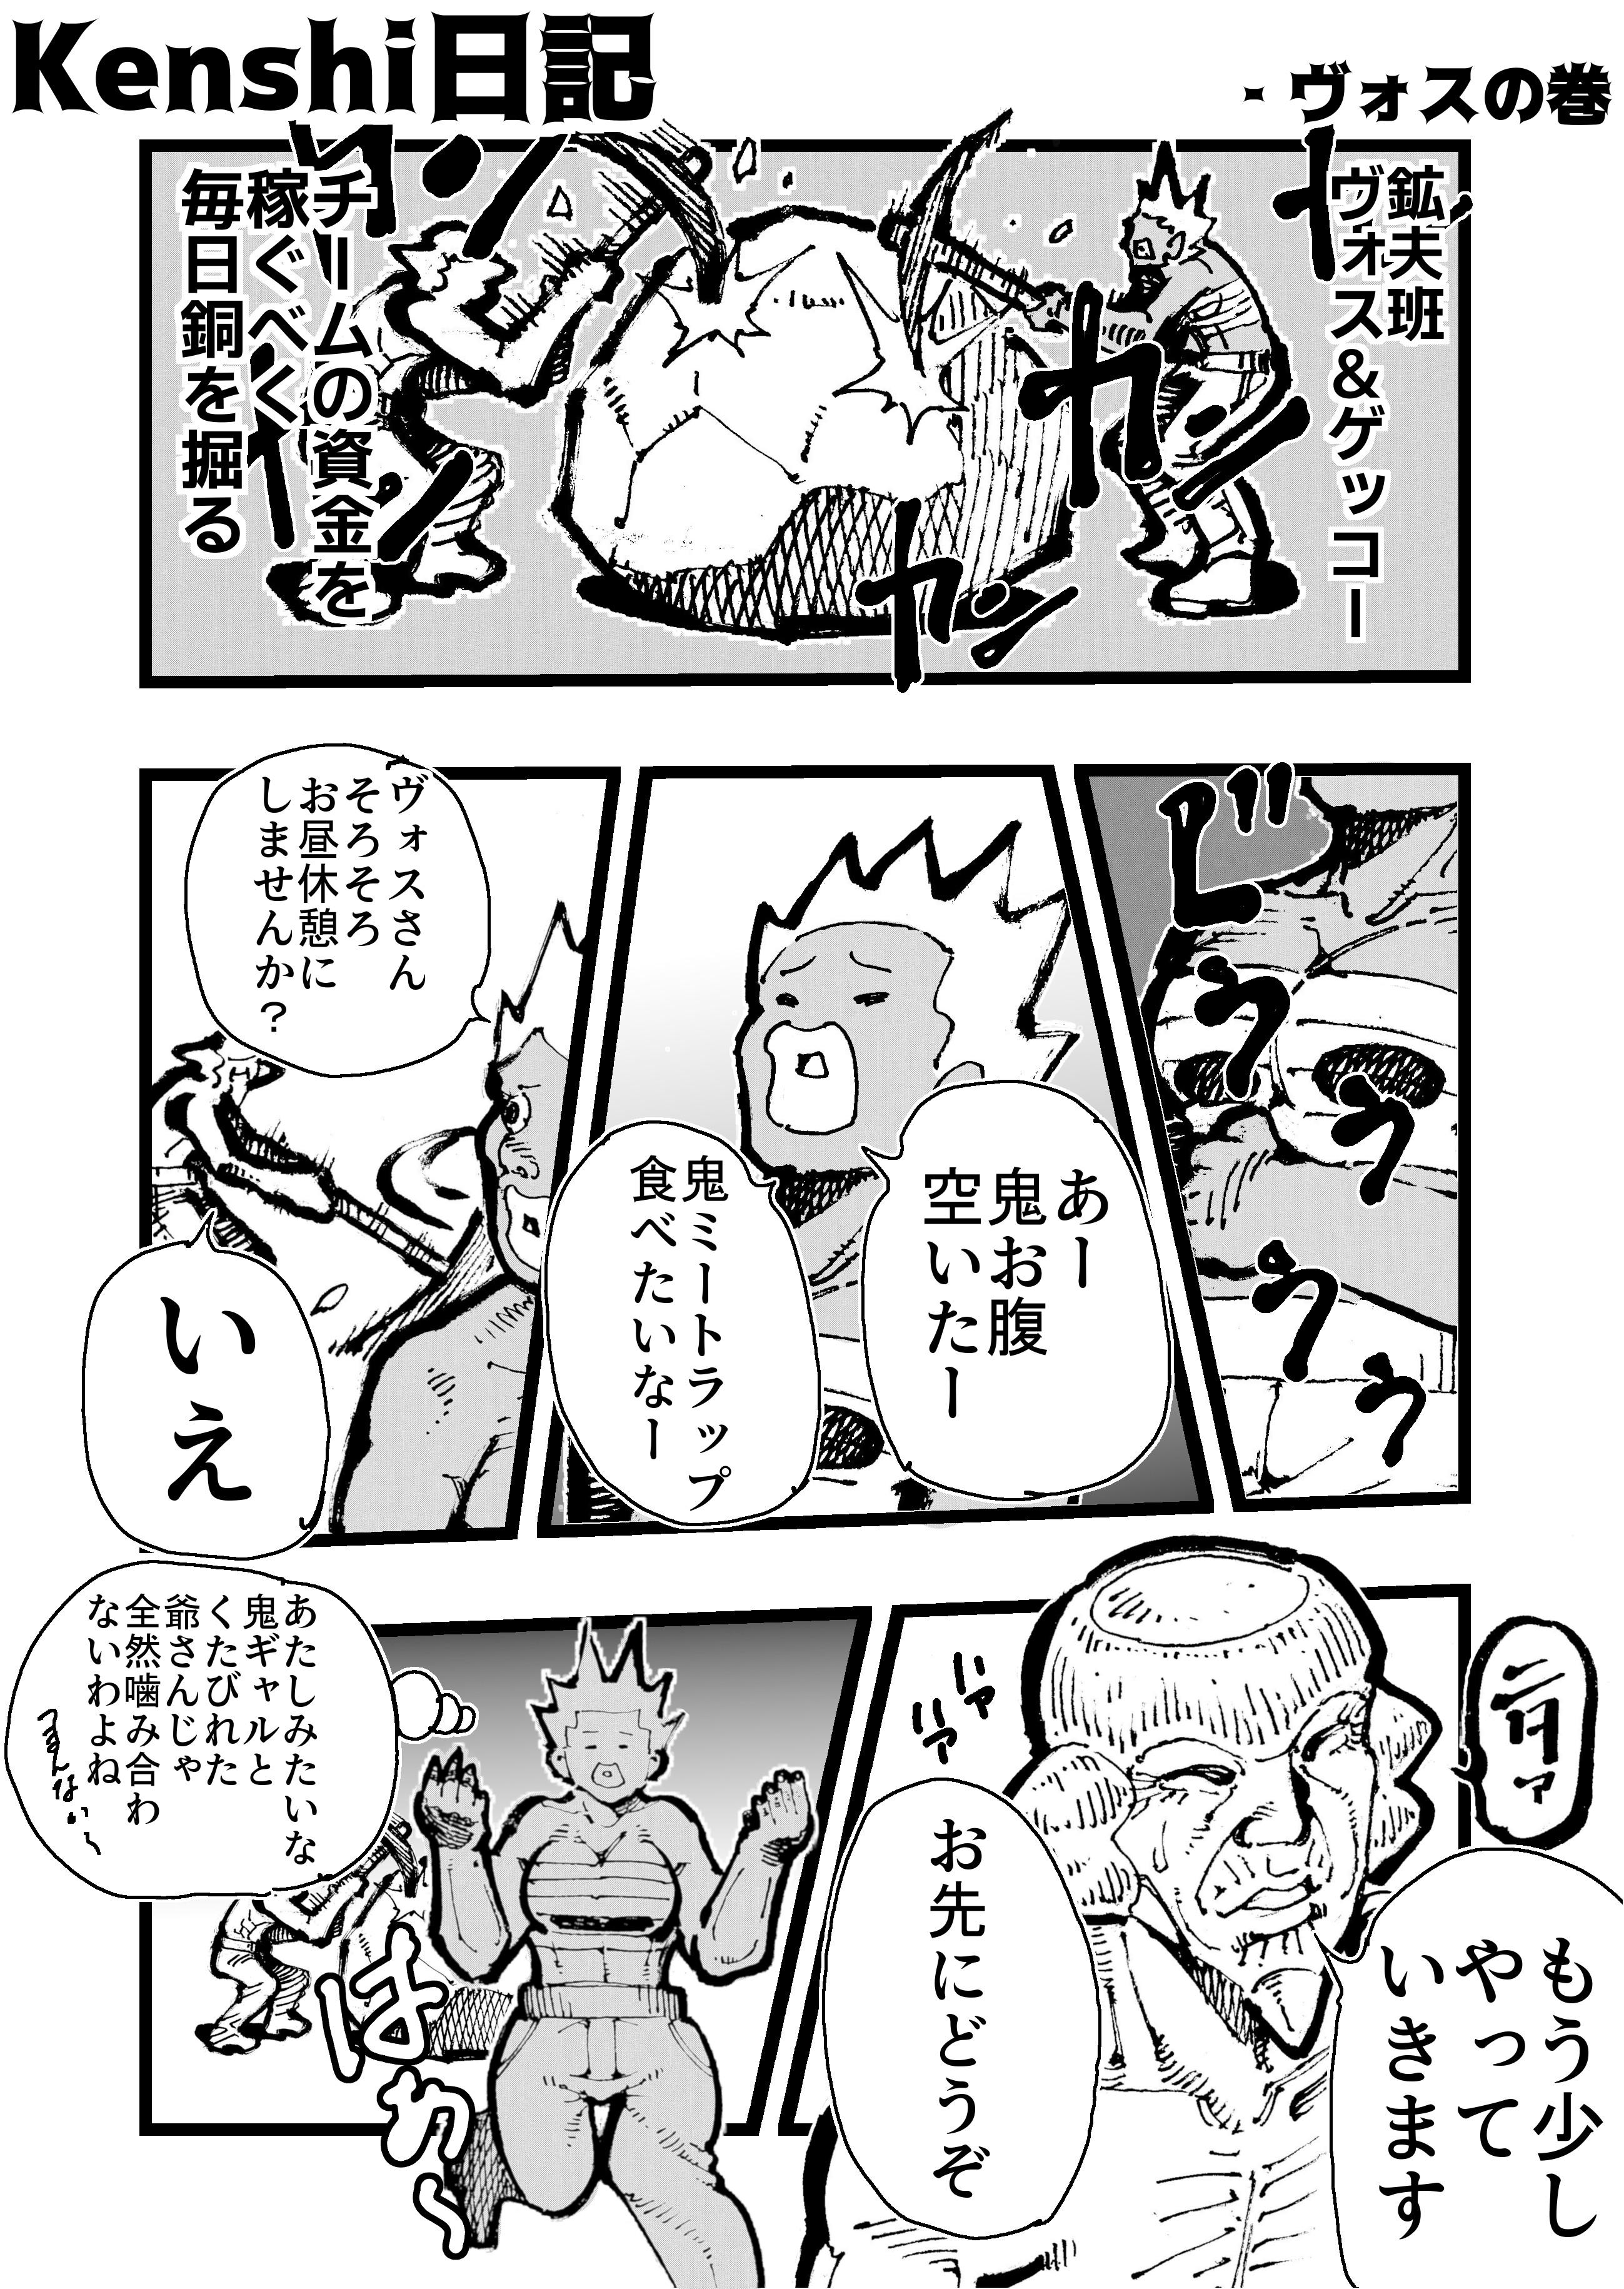 Kenshi日記30 ヴォスの巻